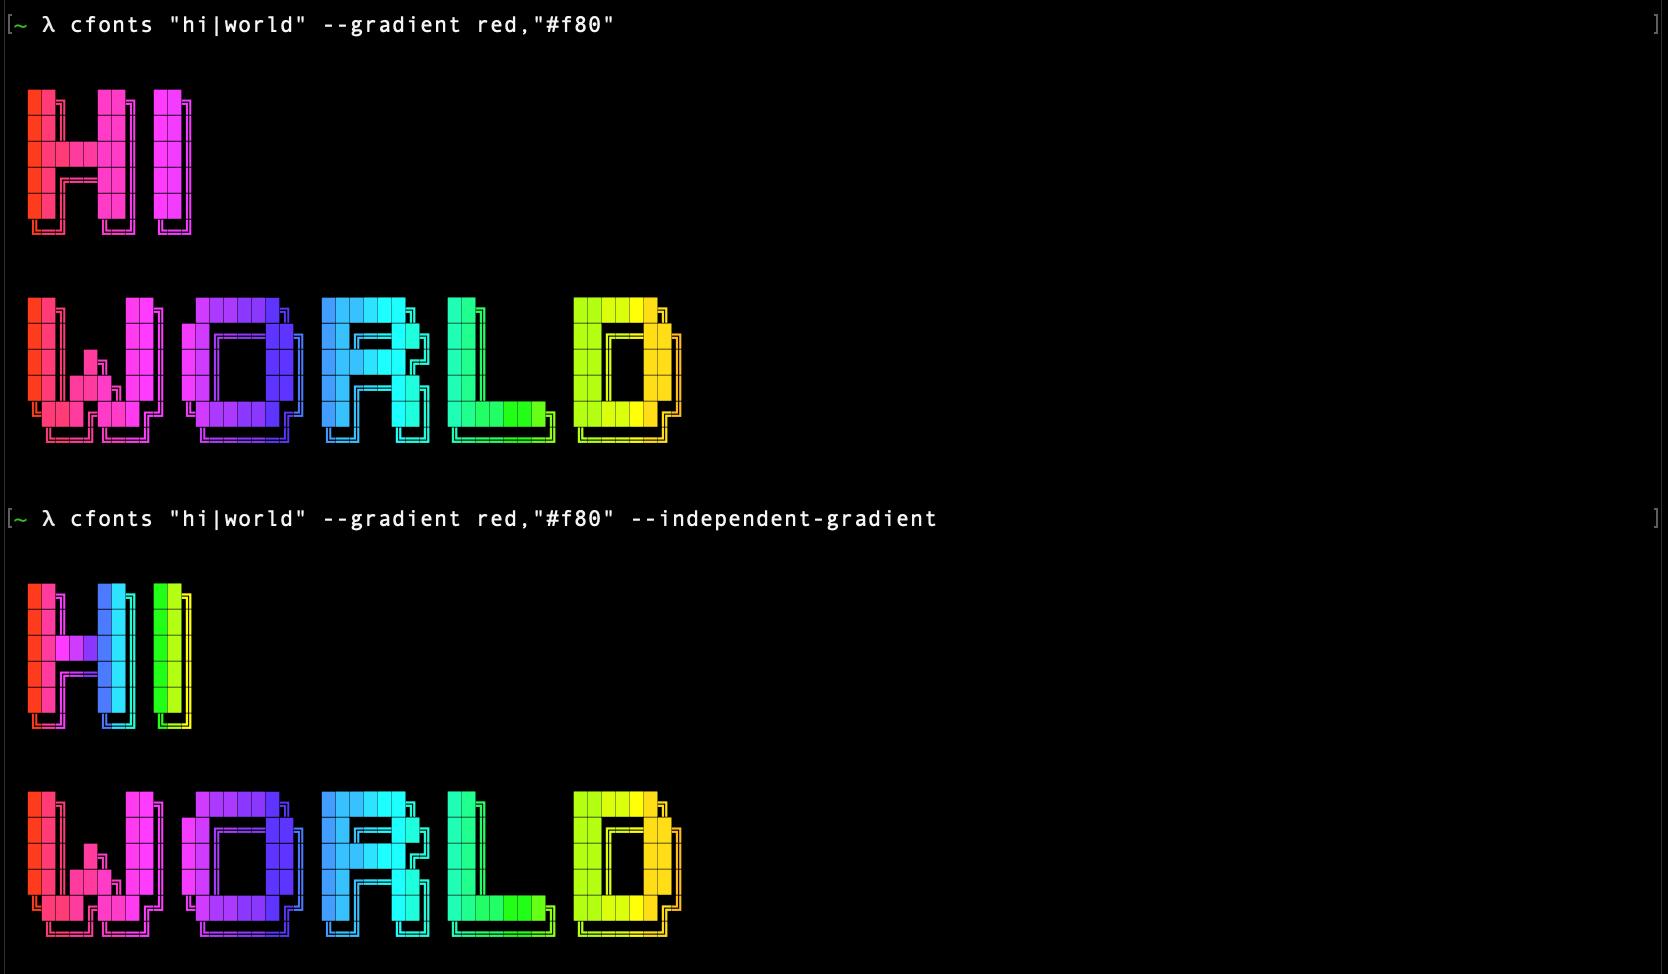 Independent gradient command